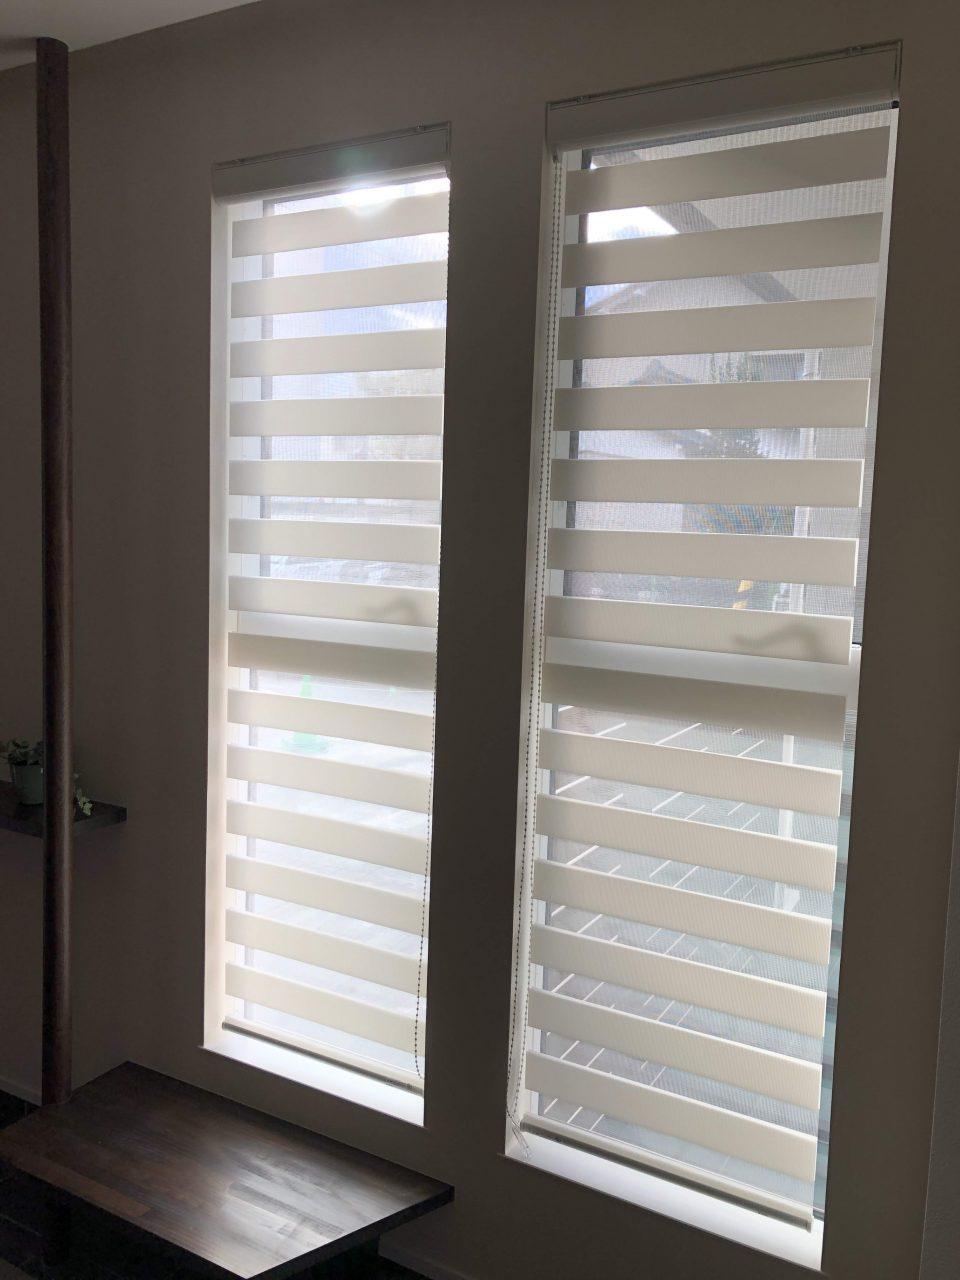 新潟市の新築の玄関に機能性カーテン、調光ロールスクリーンを納品致しました